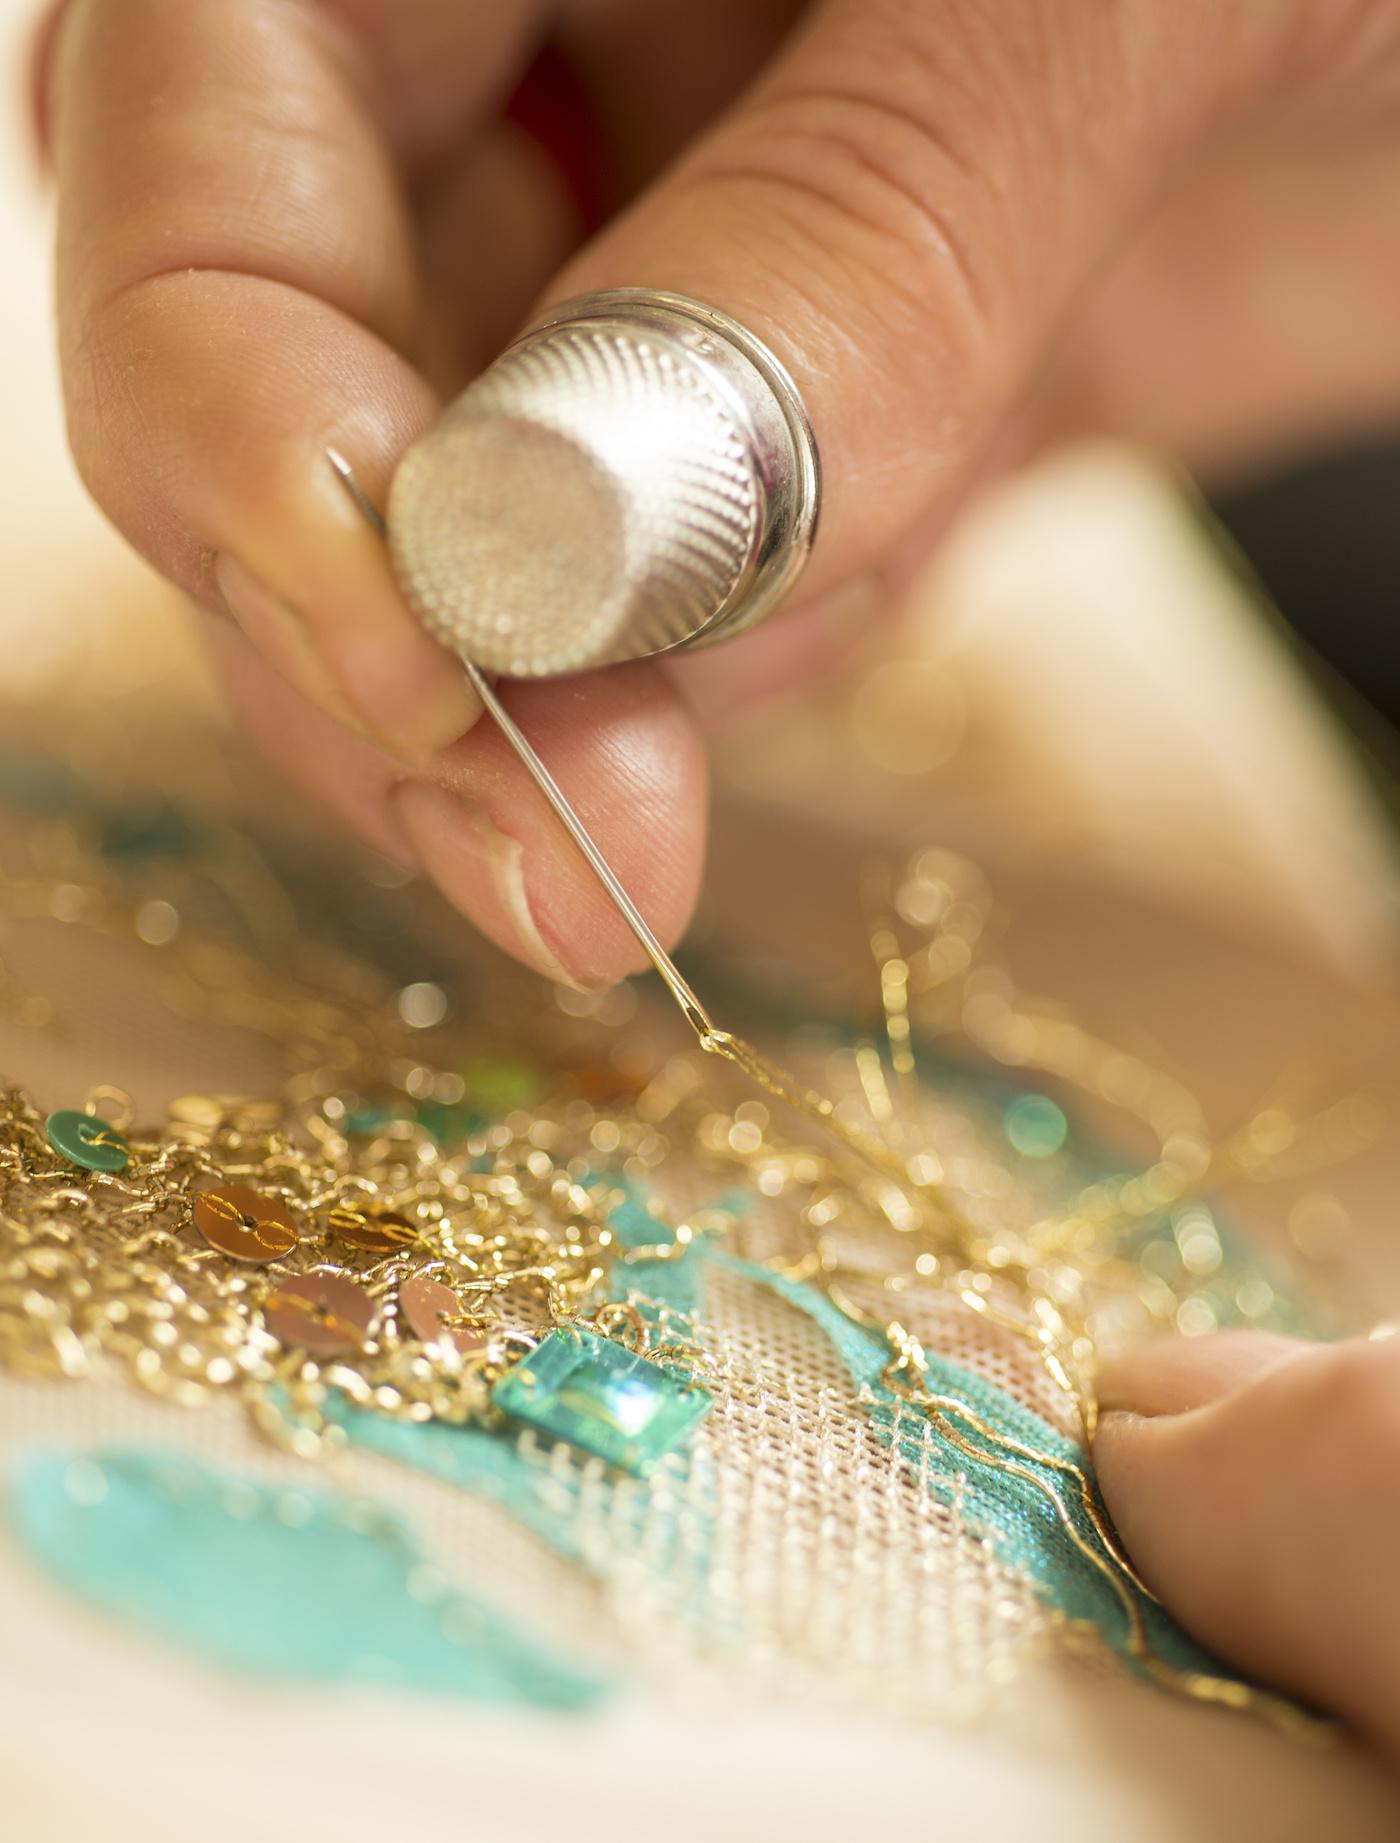 Mãos e dedal fazendo bordado com fio dourado